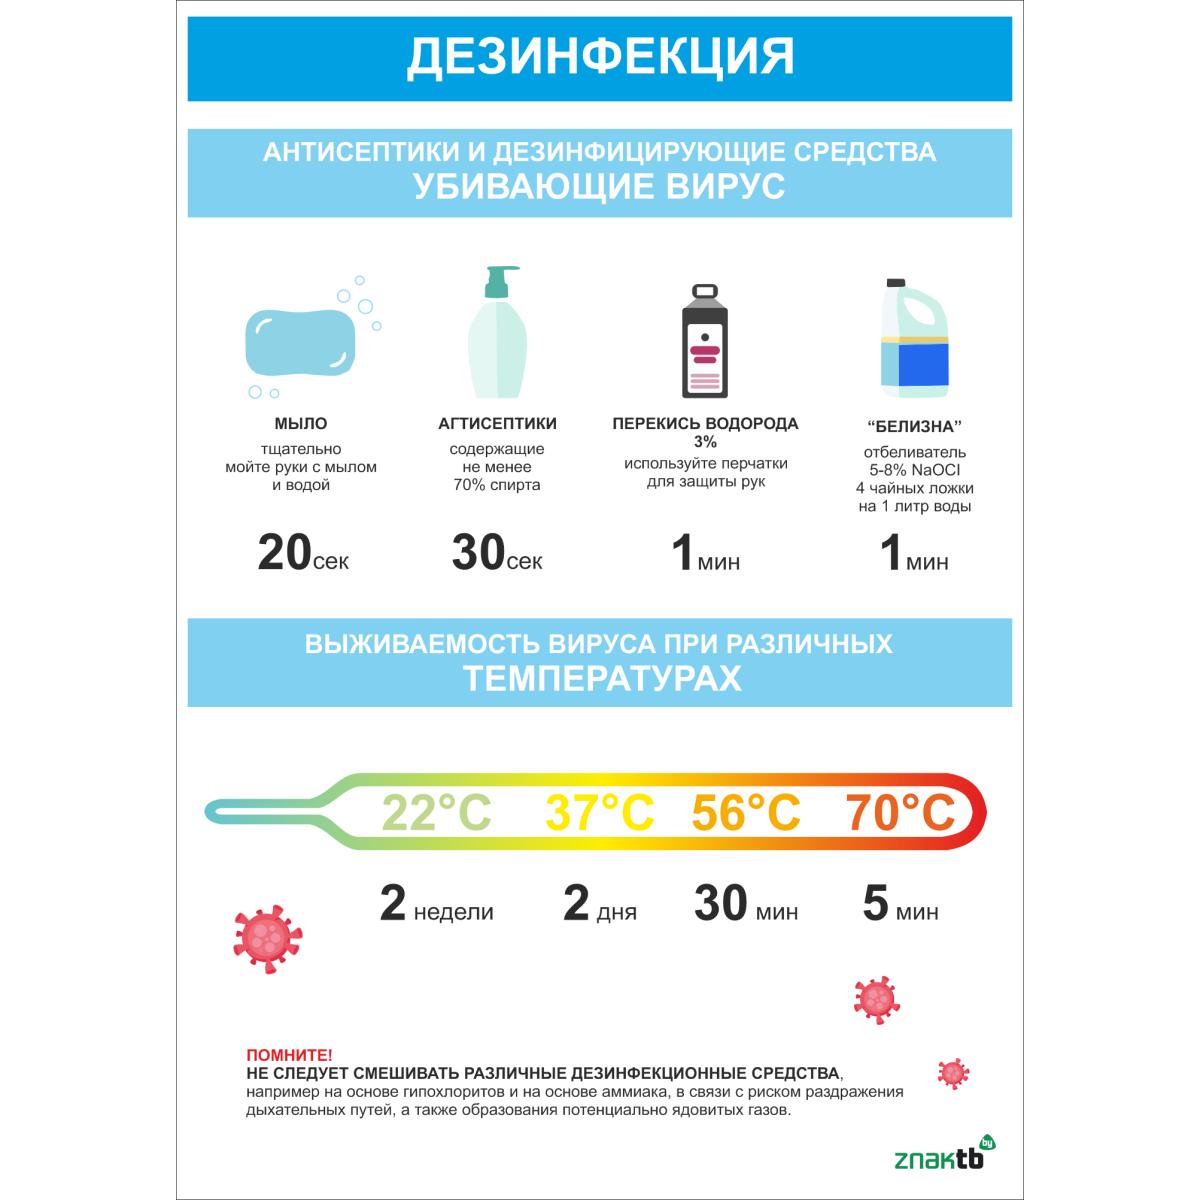 2240 Коронавирус дезинфекция